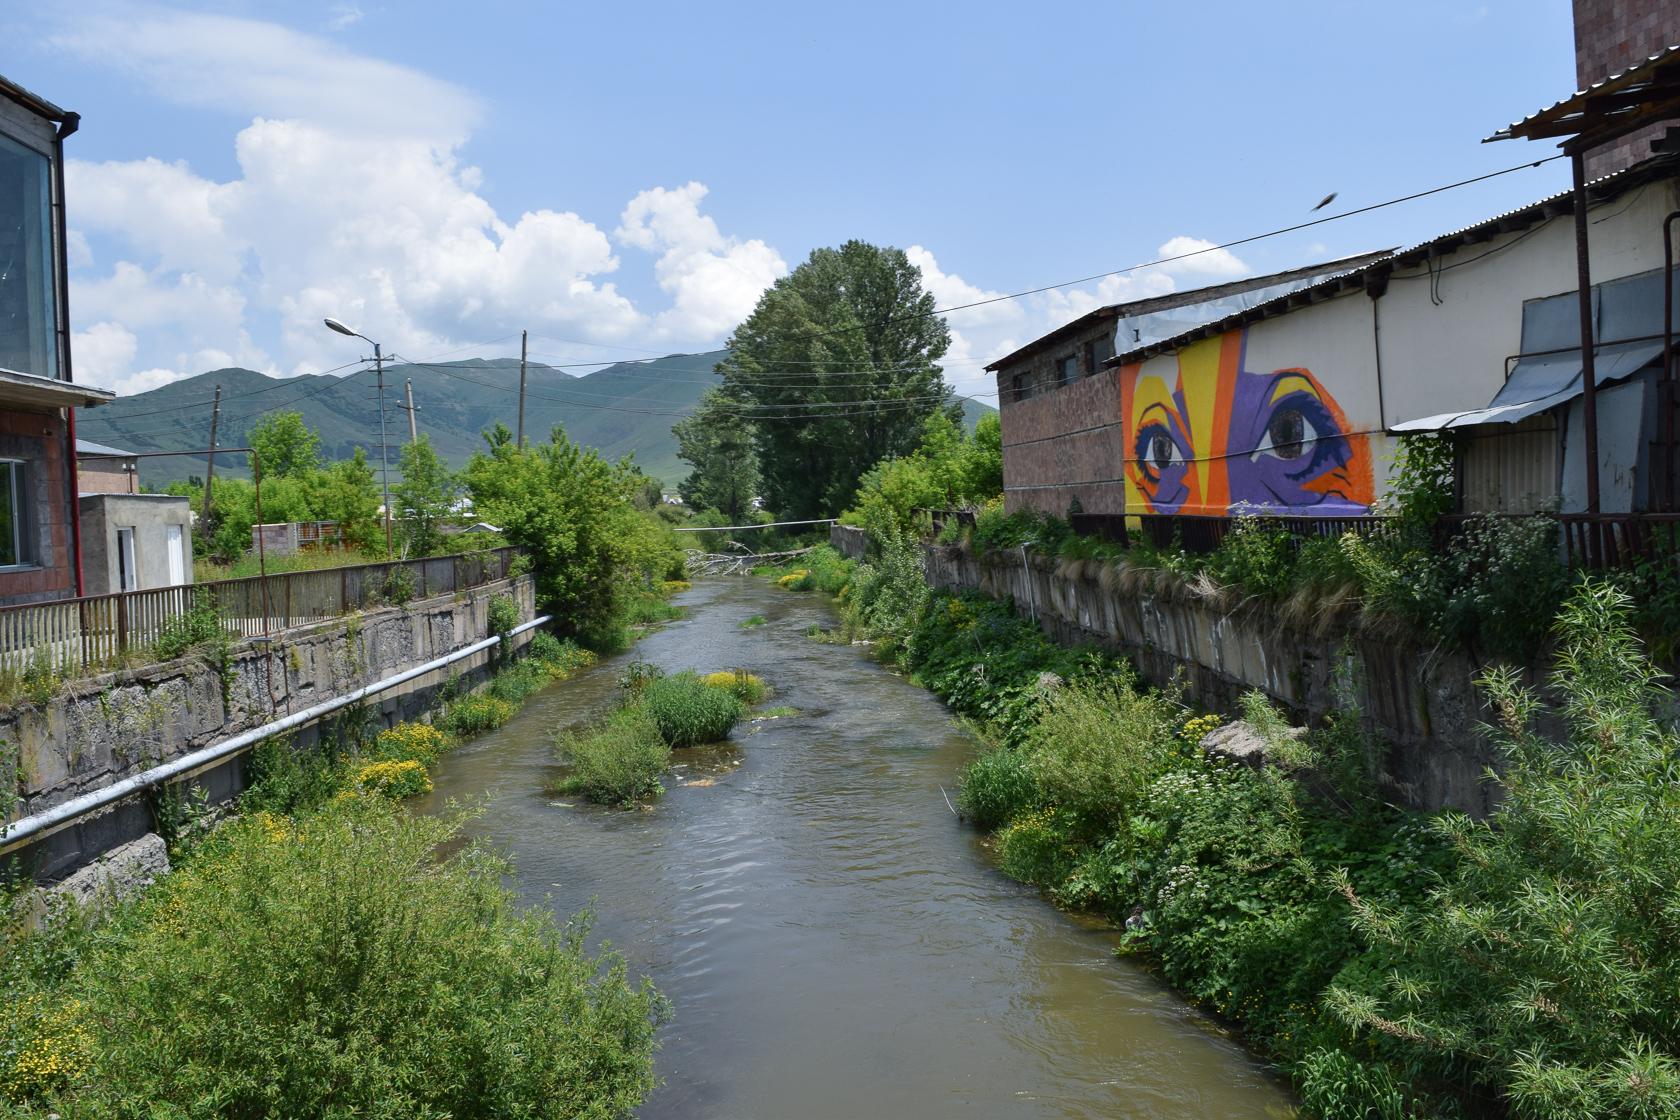 Ուրբանիստա, Ապարան, սթրիթ արտ, Aparan, street art, Armenia